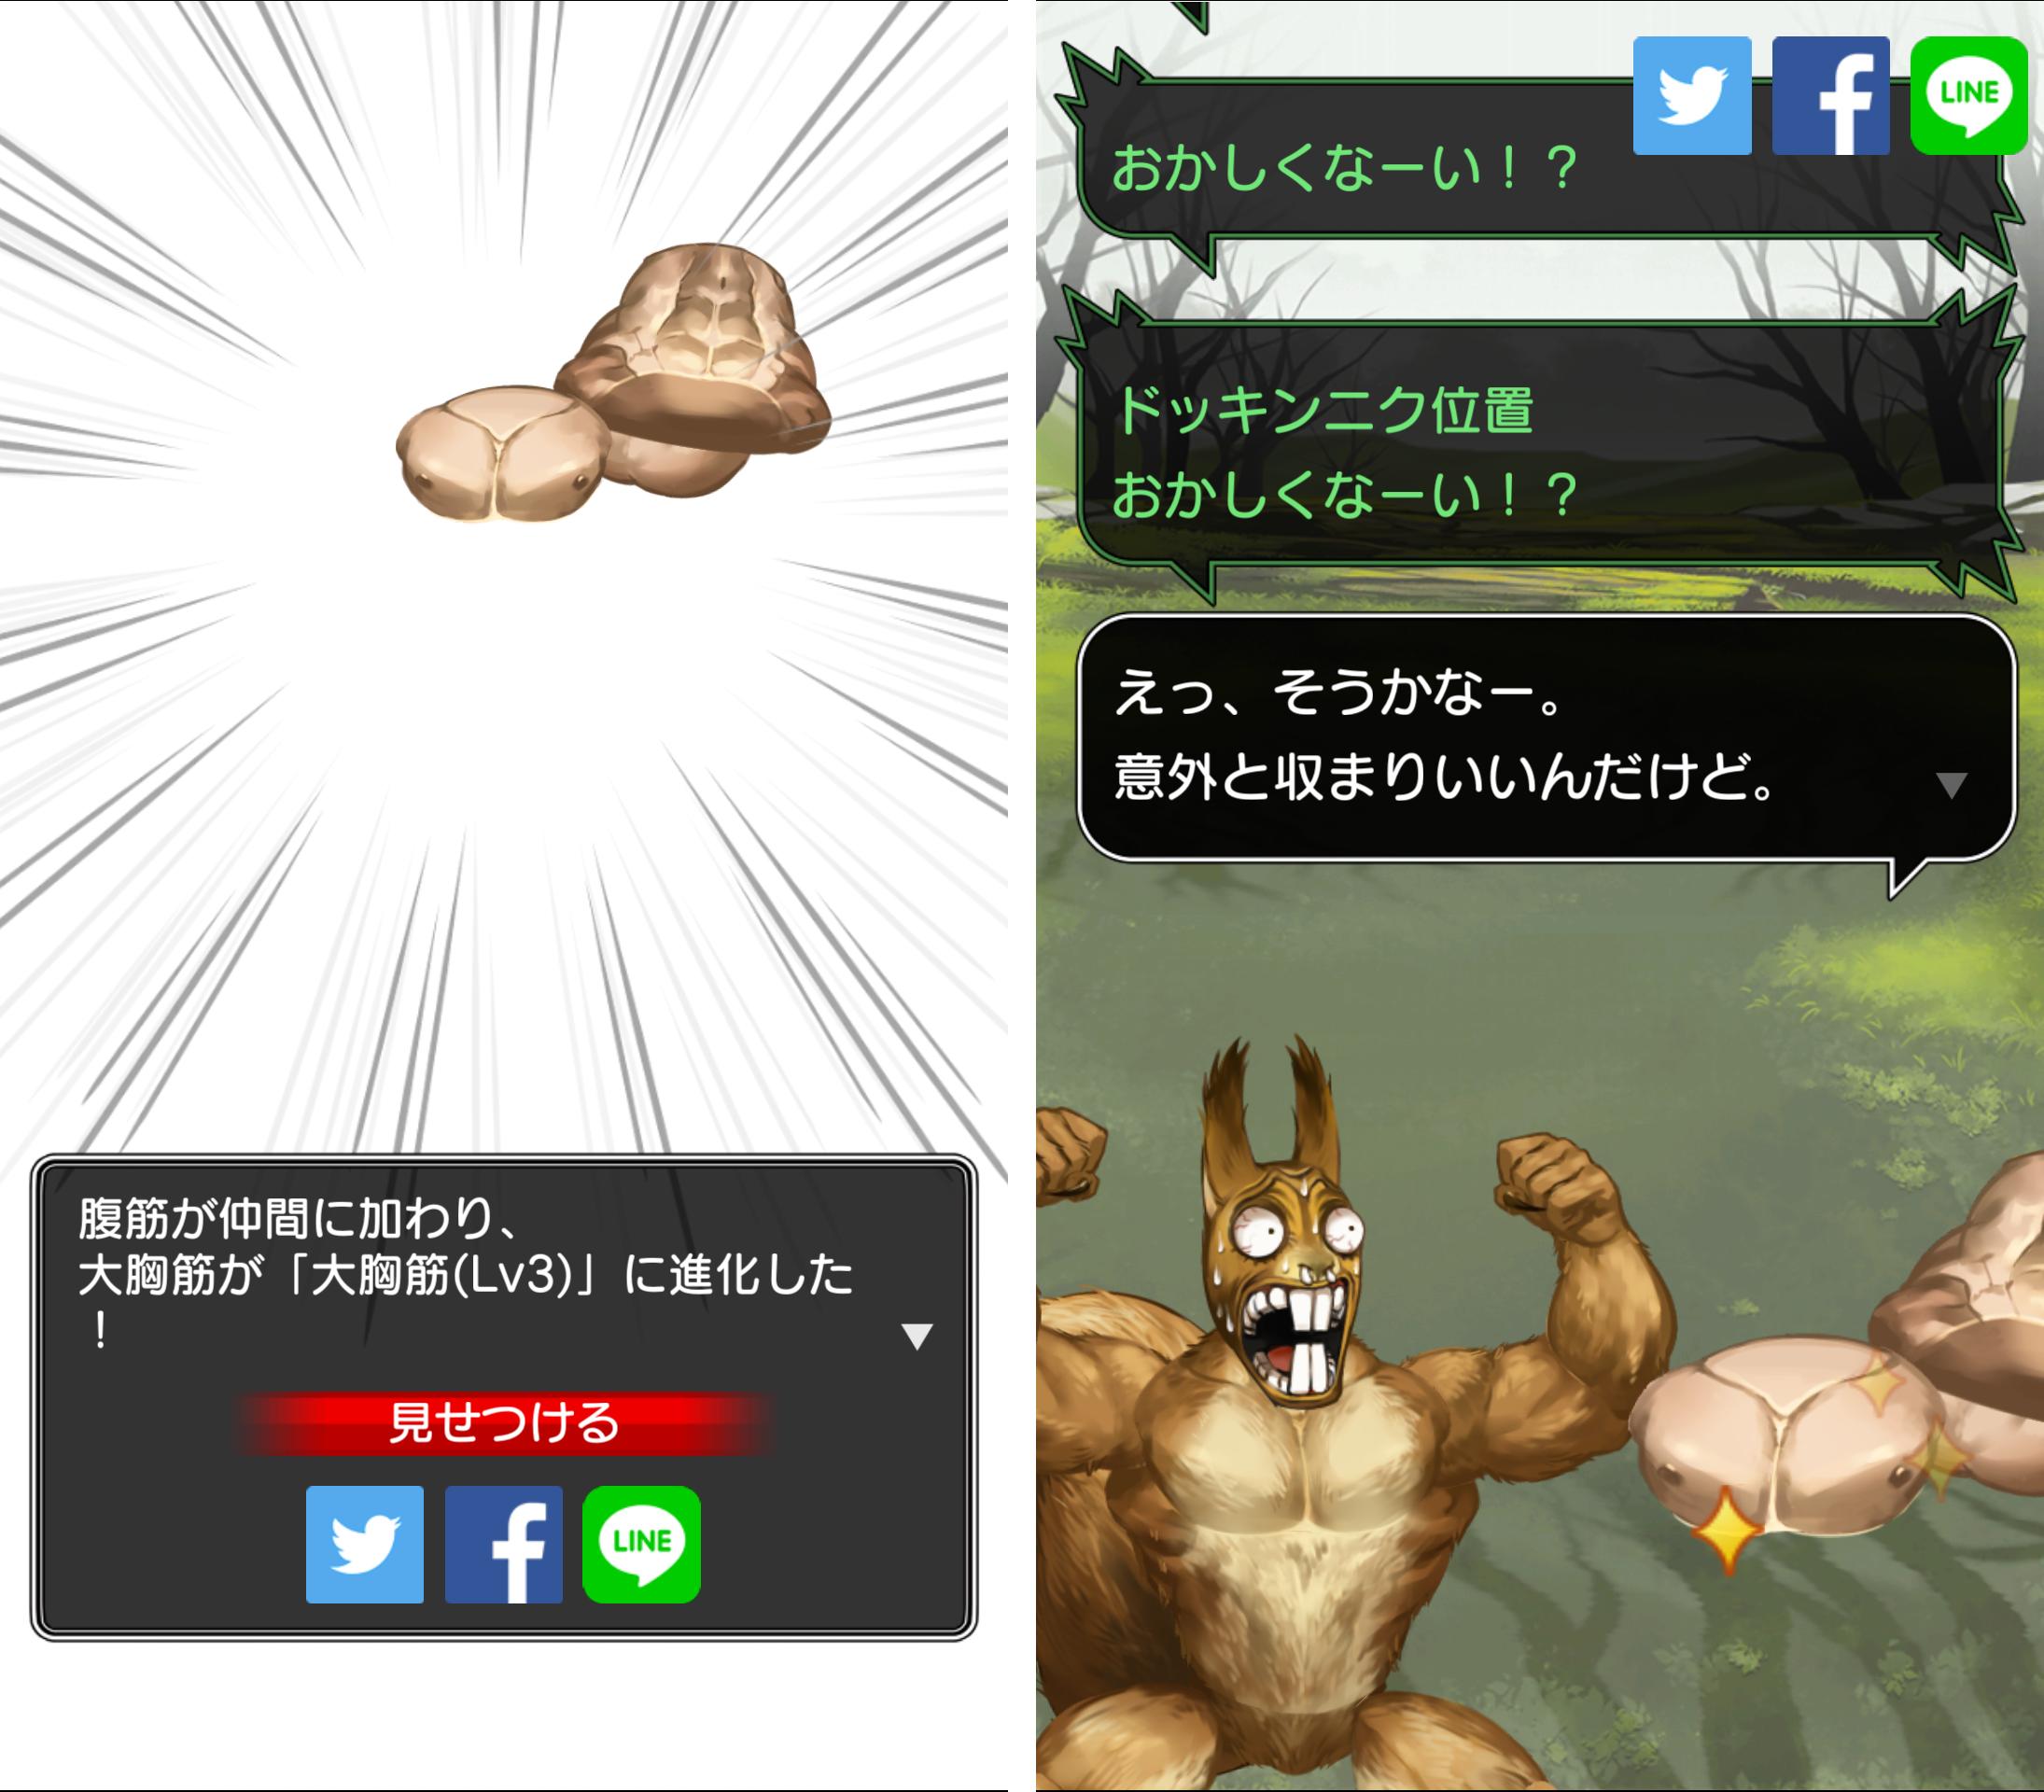 キンニクエスト 筋肉と筋肉と筋肉と呪われし筋肉 androidアプリスクリーンショット2